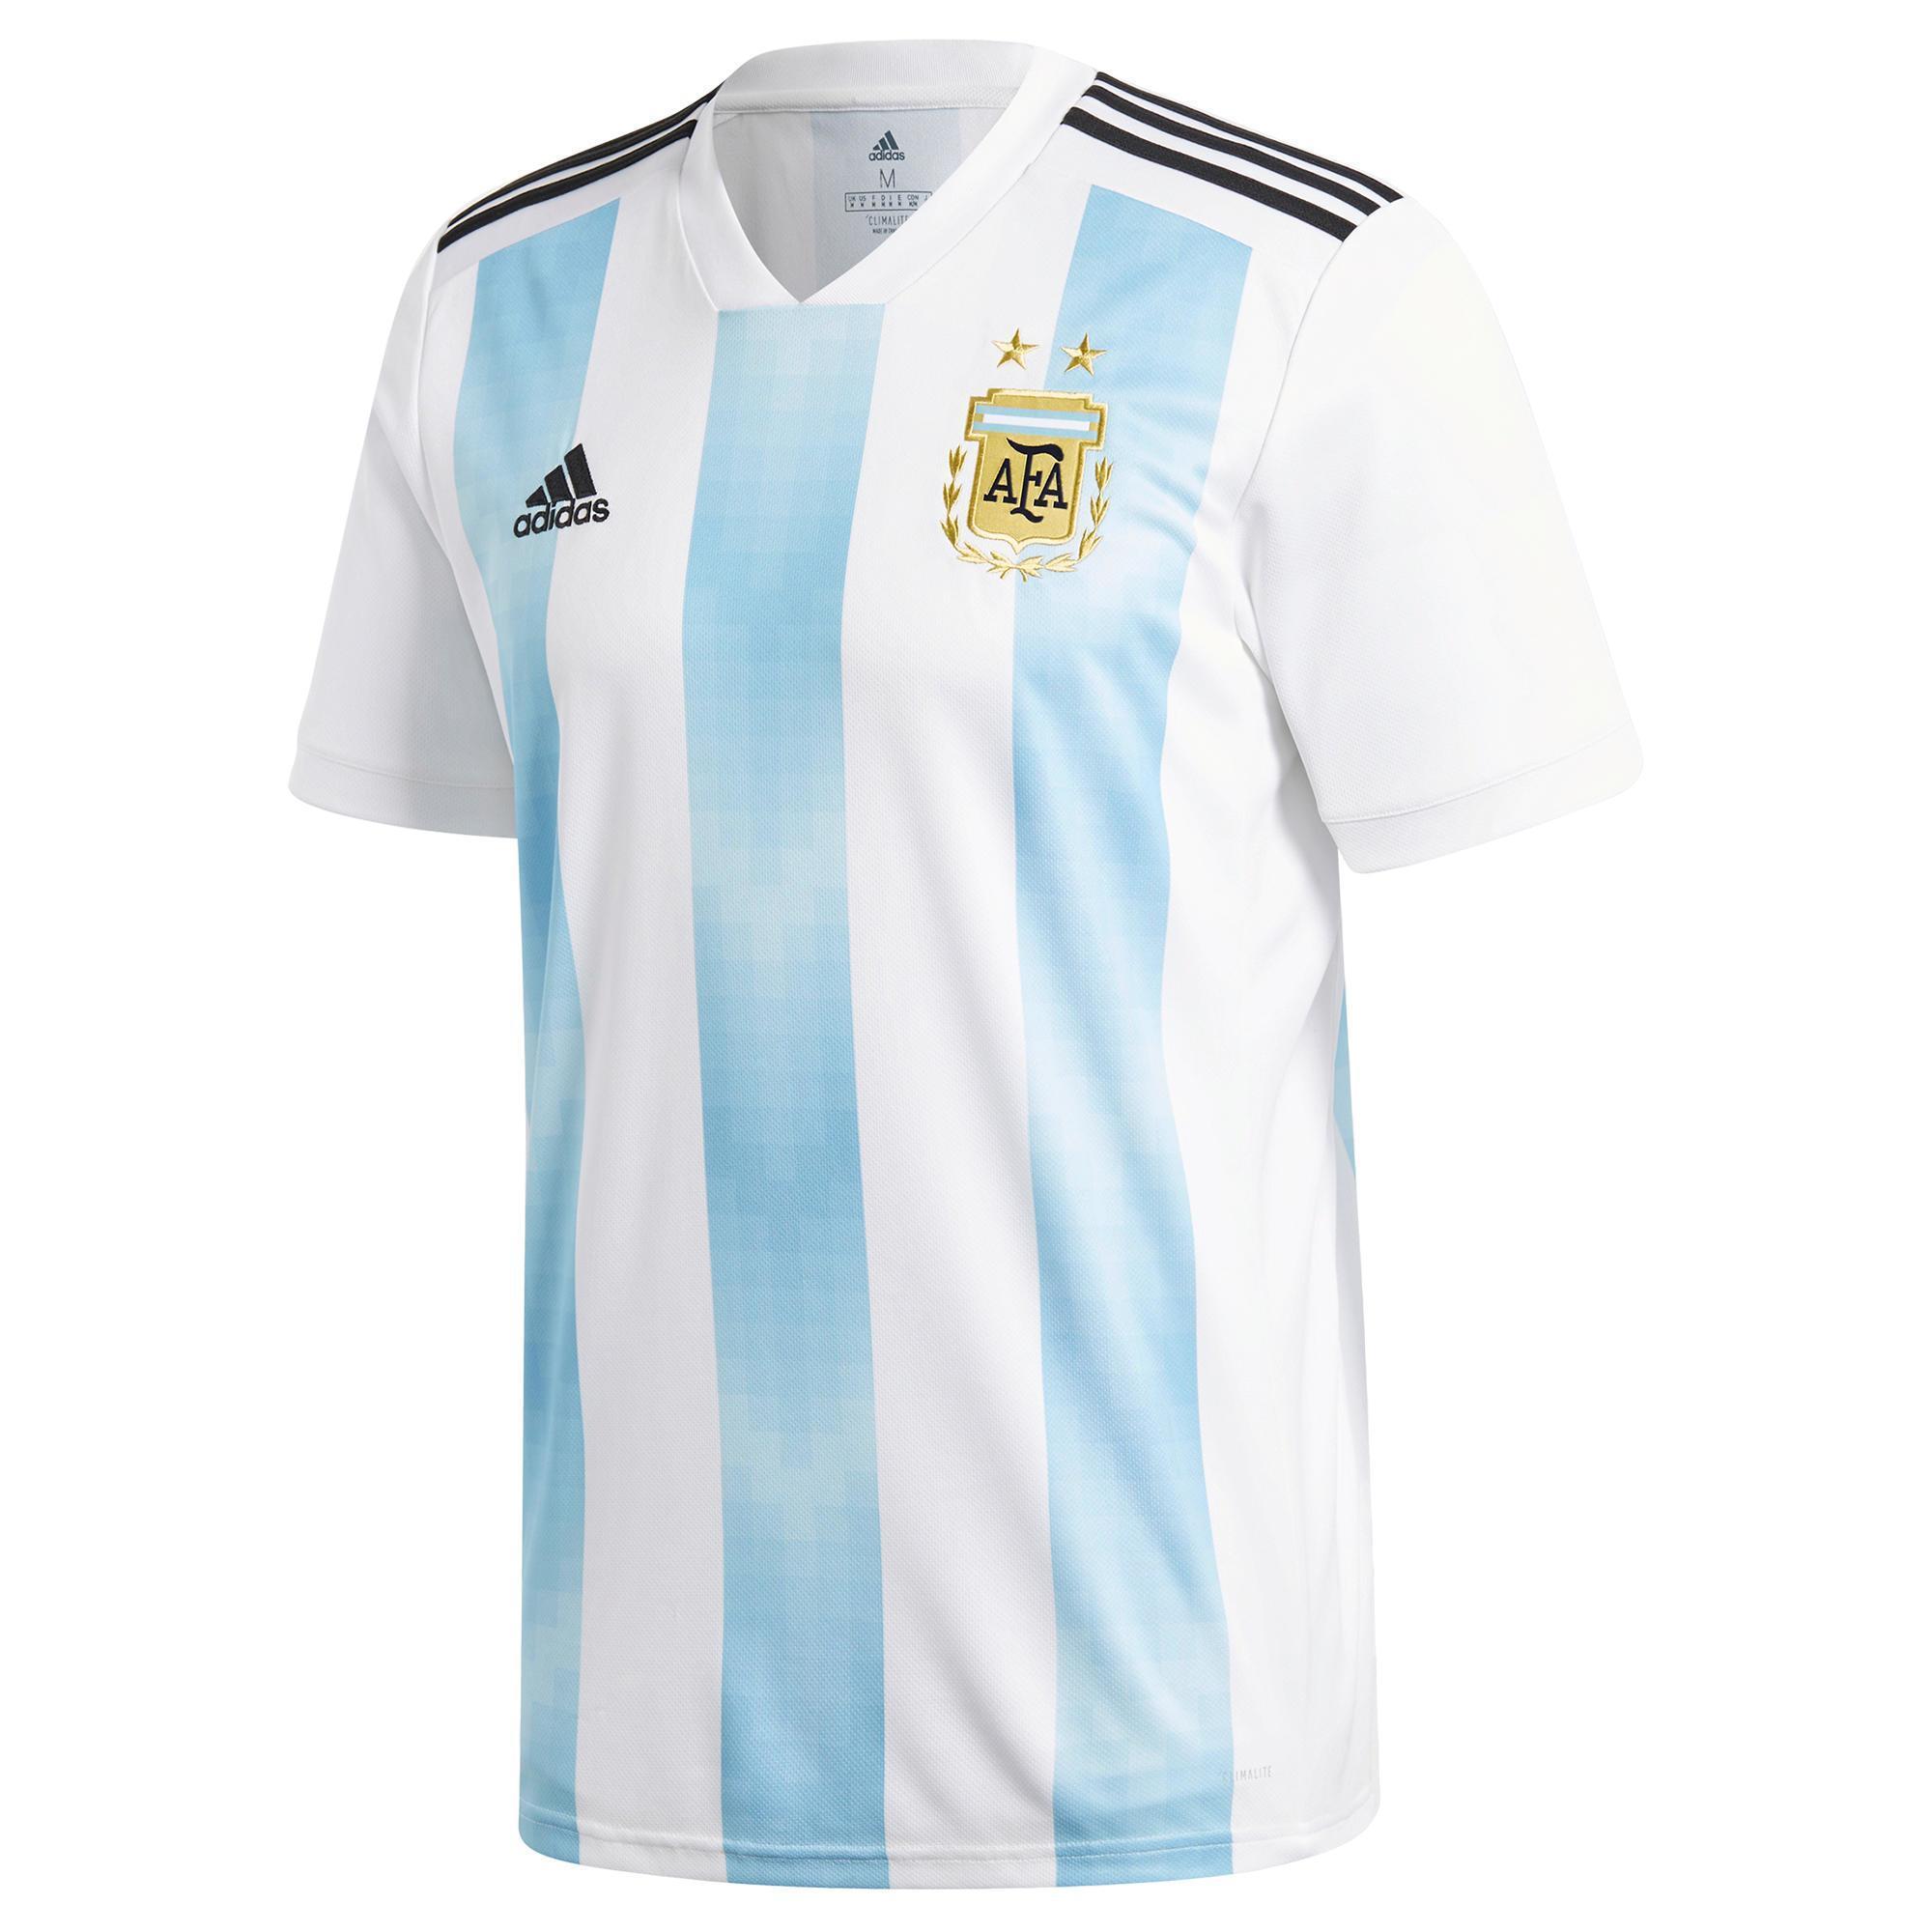 Adidas Voetbalshirt Argentinië thuisshirt WK 2018 voor kinderen wit/blauw